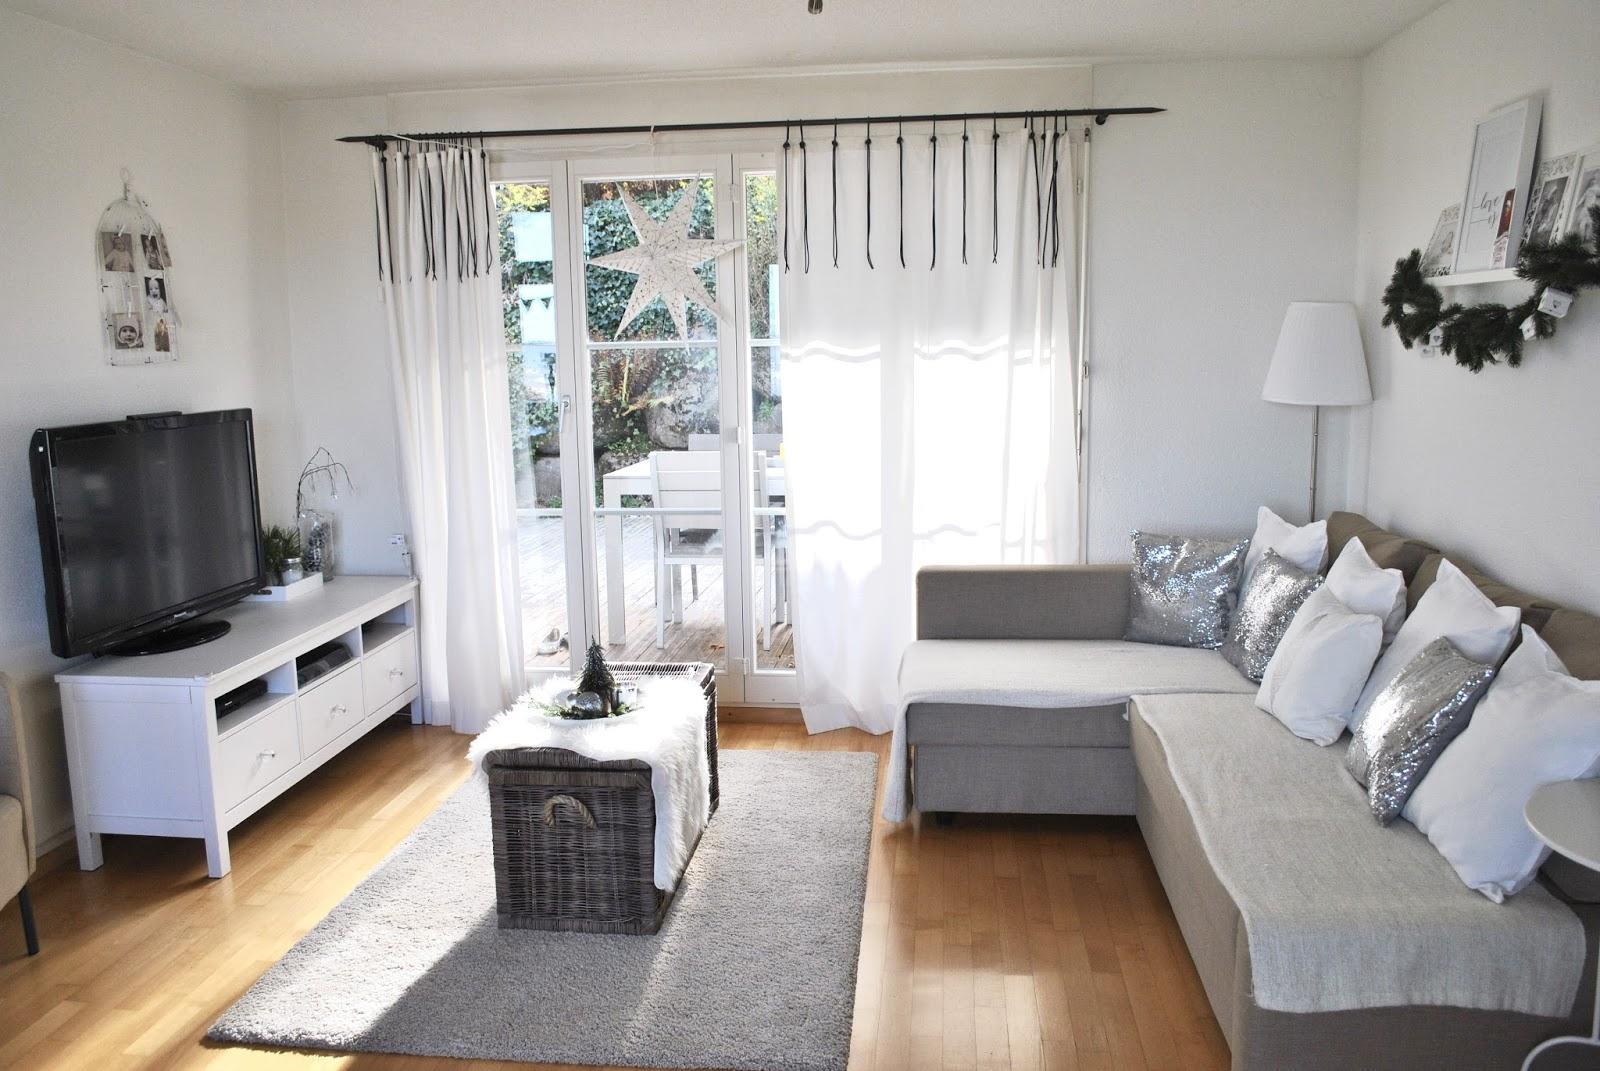 Ikea lampadario soggiorno idee per il design della casa - Ikea tappeti soggiorno ...